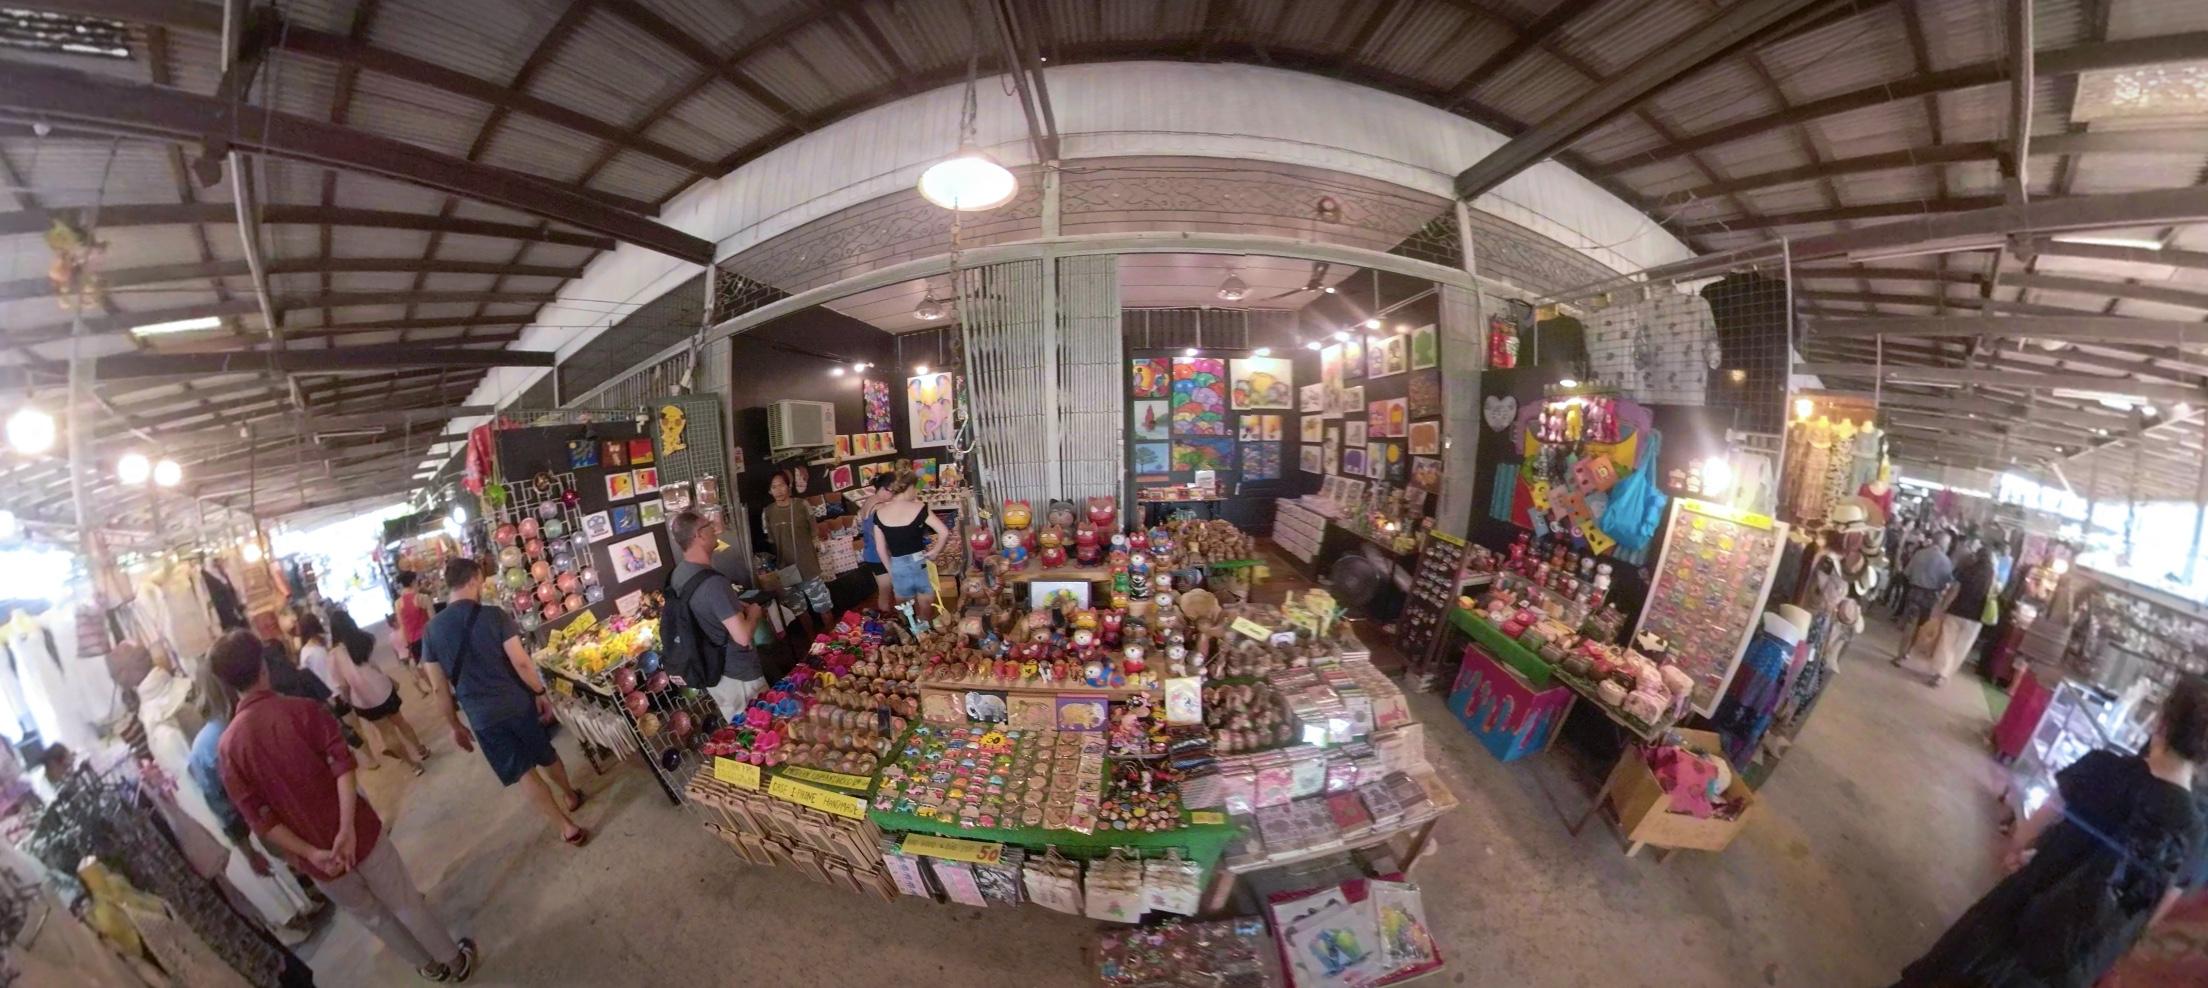 Damnoen Saduak Floating Market goods